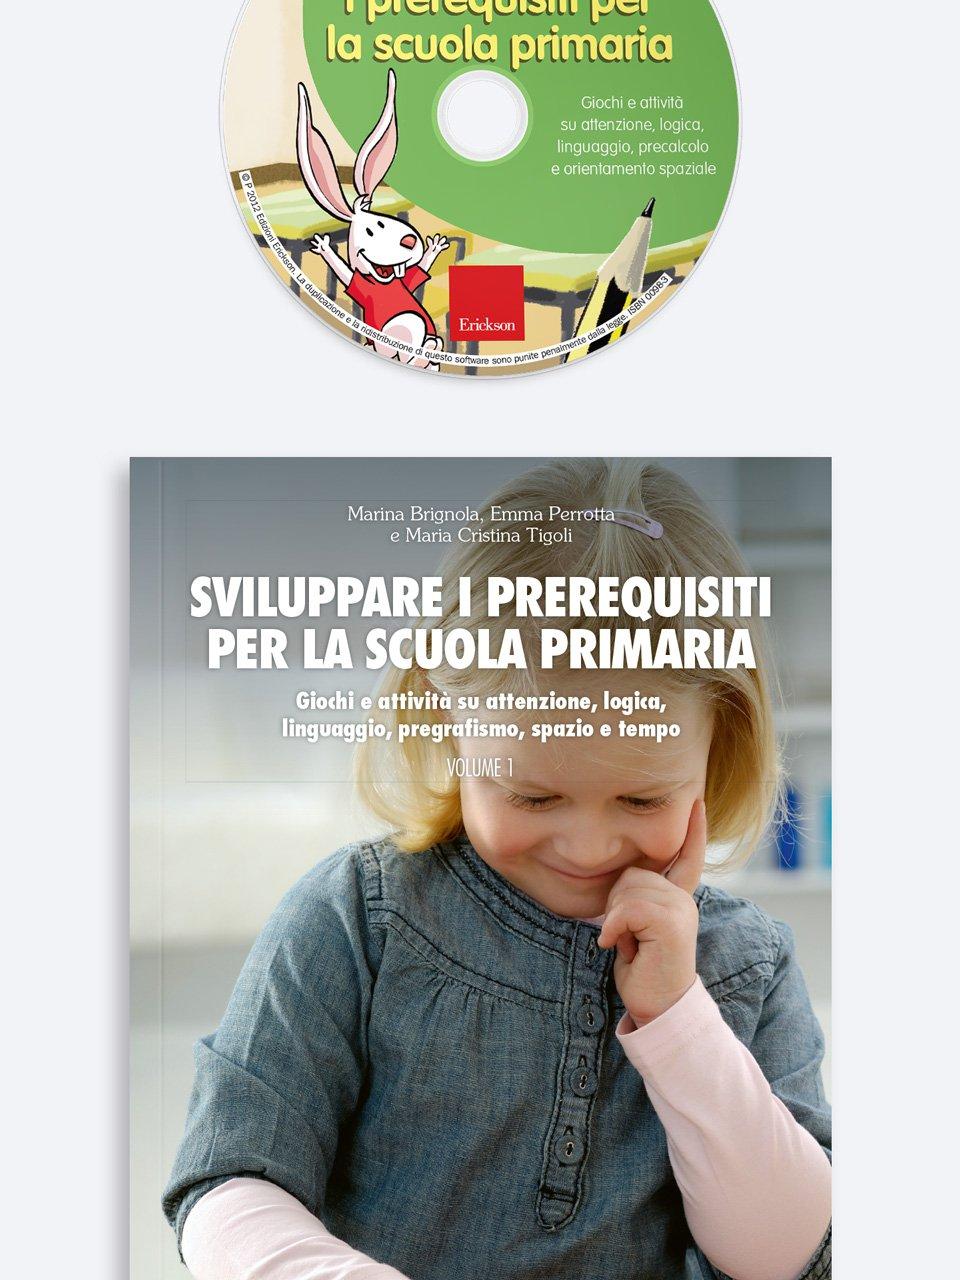 Sviluppare i prerequisiti per la scuola primaria - Le proposte Erickson per i compiti-delle-vacanze - Erickson 3